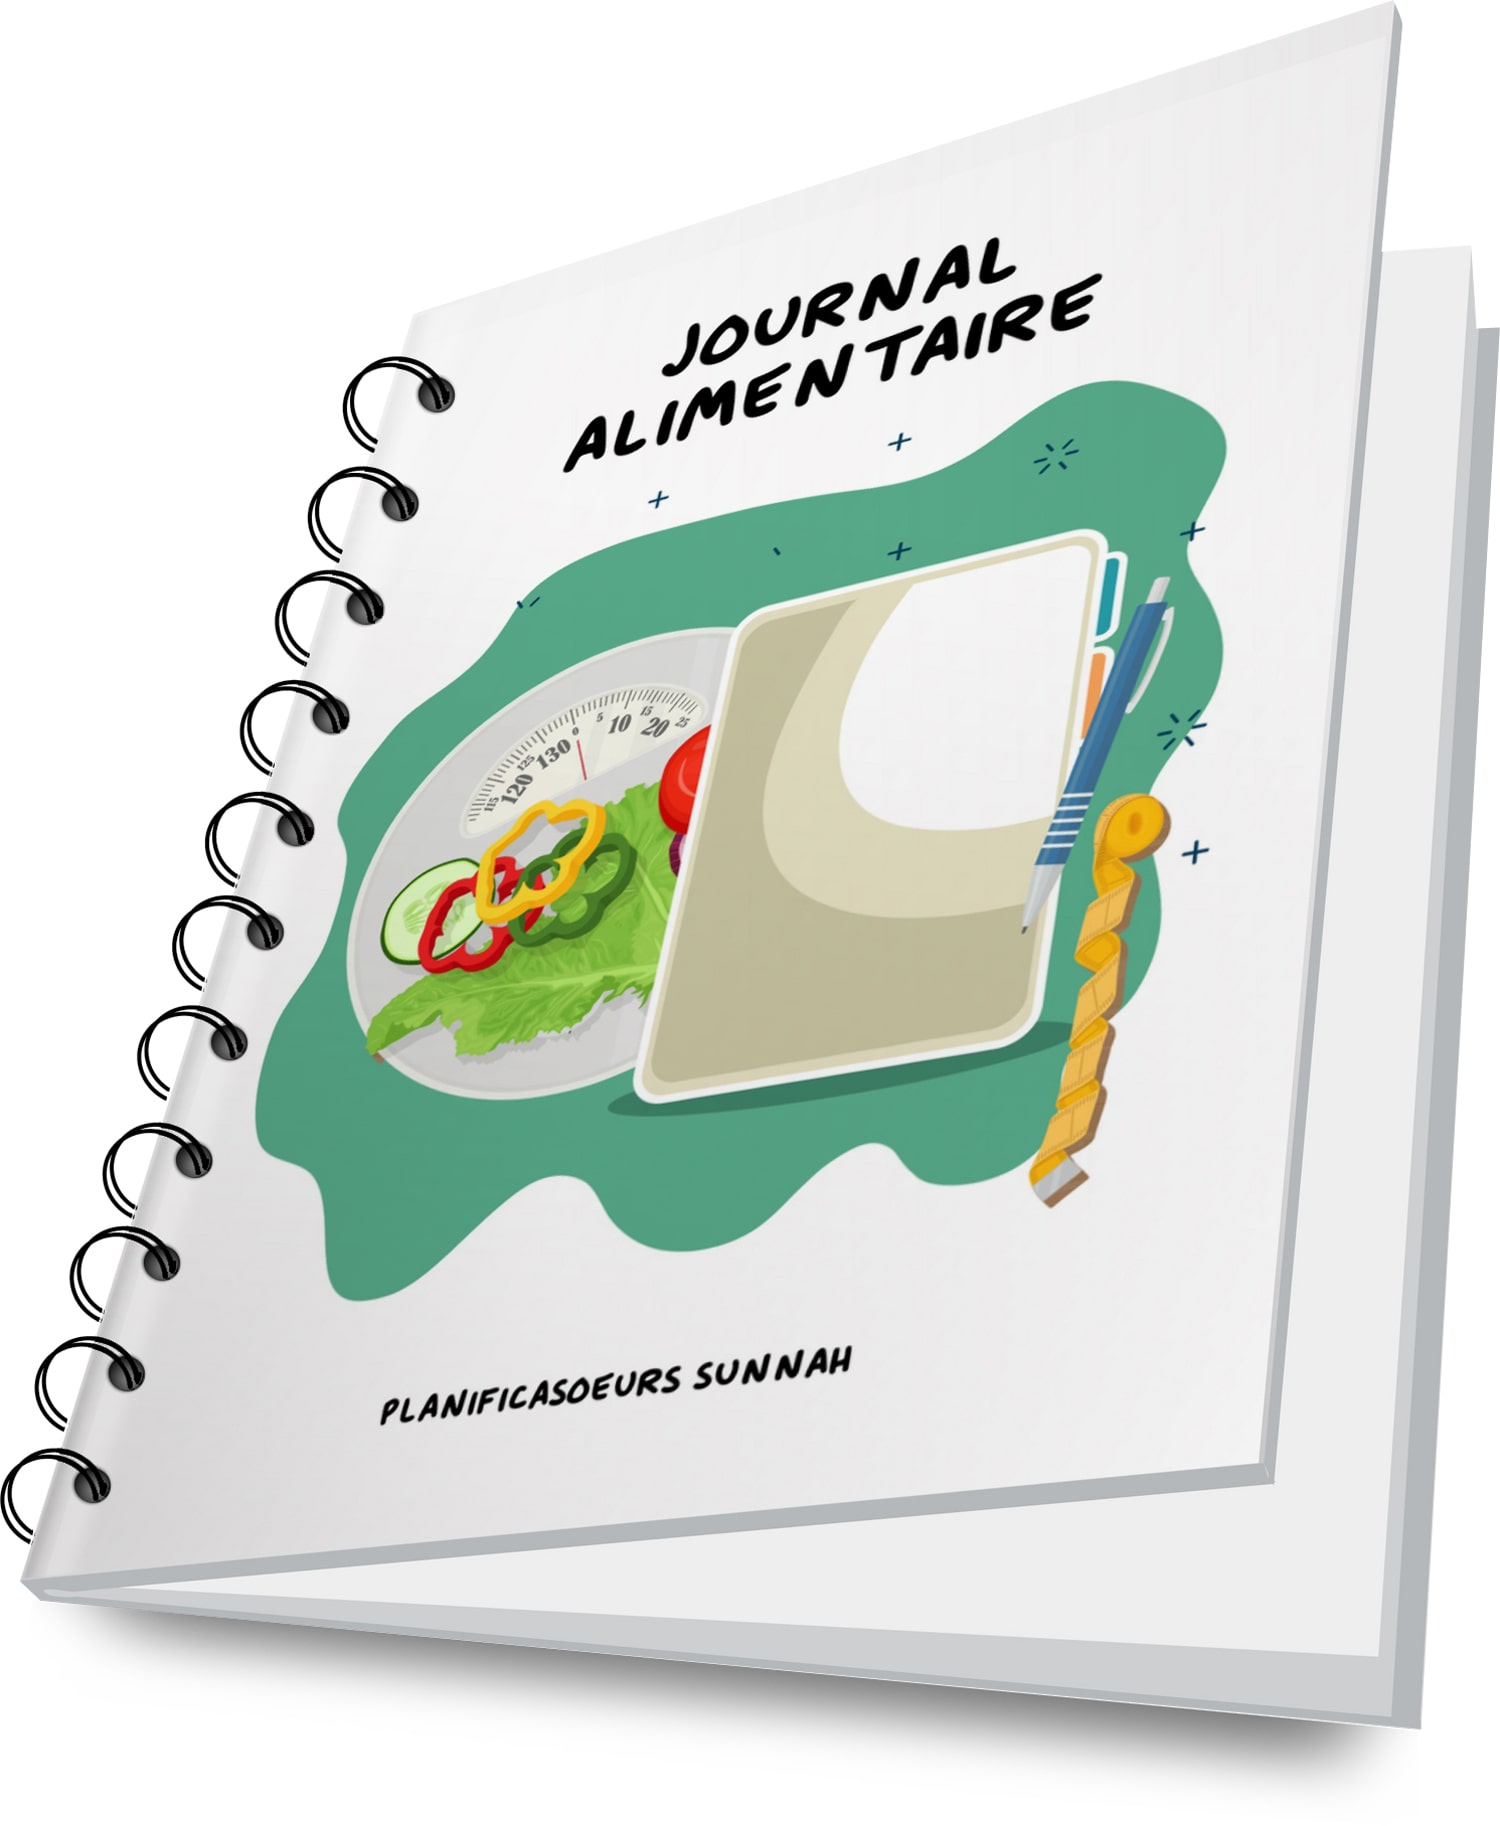 carnet cahier planner journal alimentaire régime minceur planificasoeurs sunnah